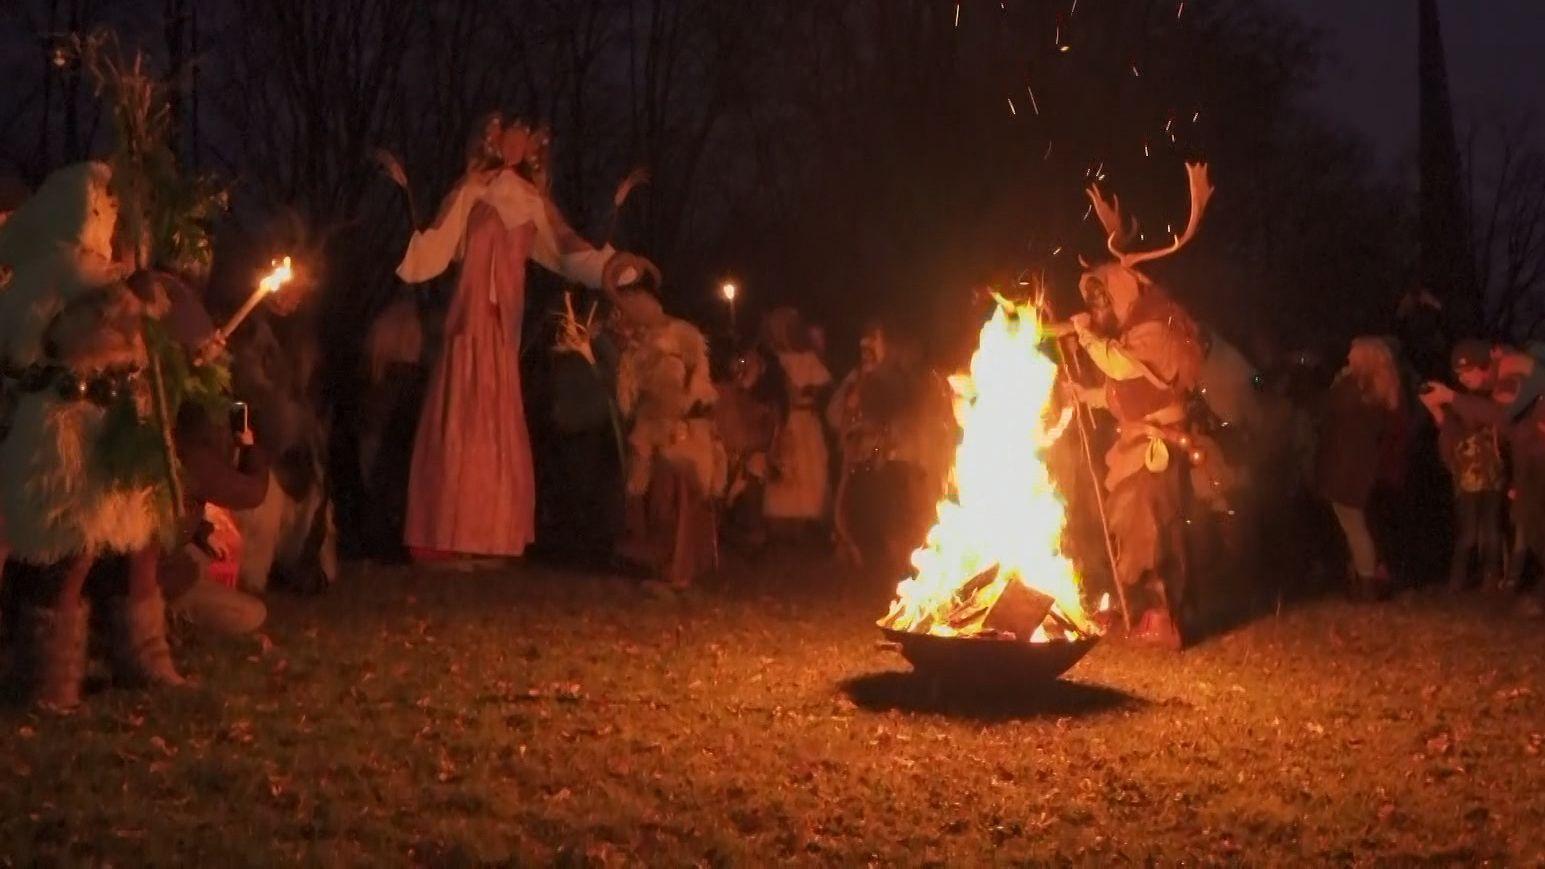 NachaltemBrauchhaben die Perchten bei Augsburg ums Neujahrsfeuer getanzt. So wird das alte Jahr verabschiedet und das neue begrüßt.